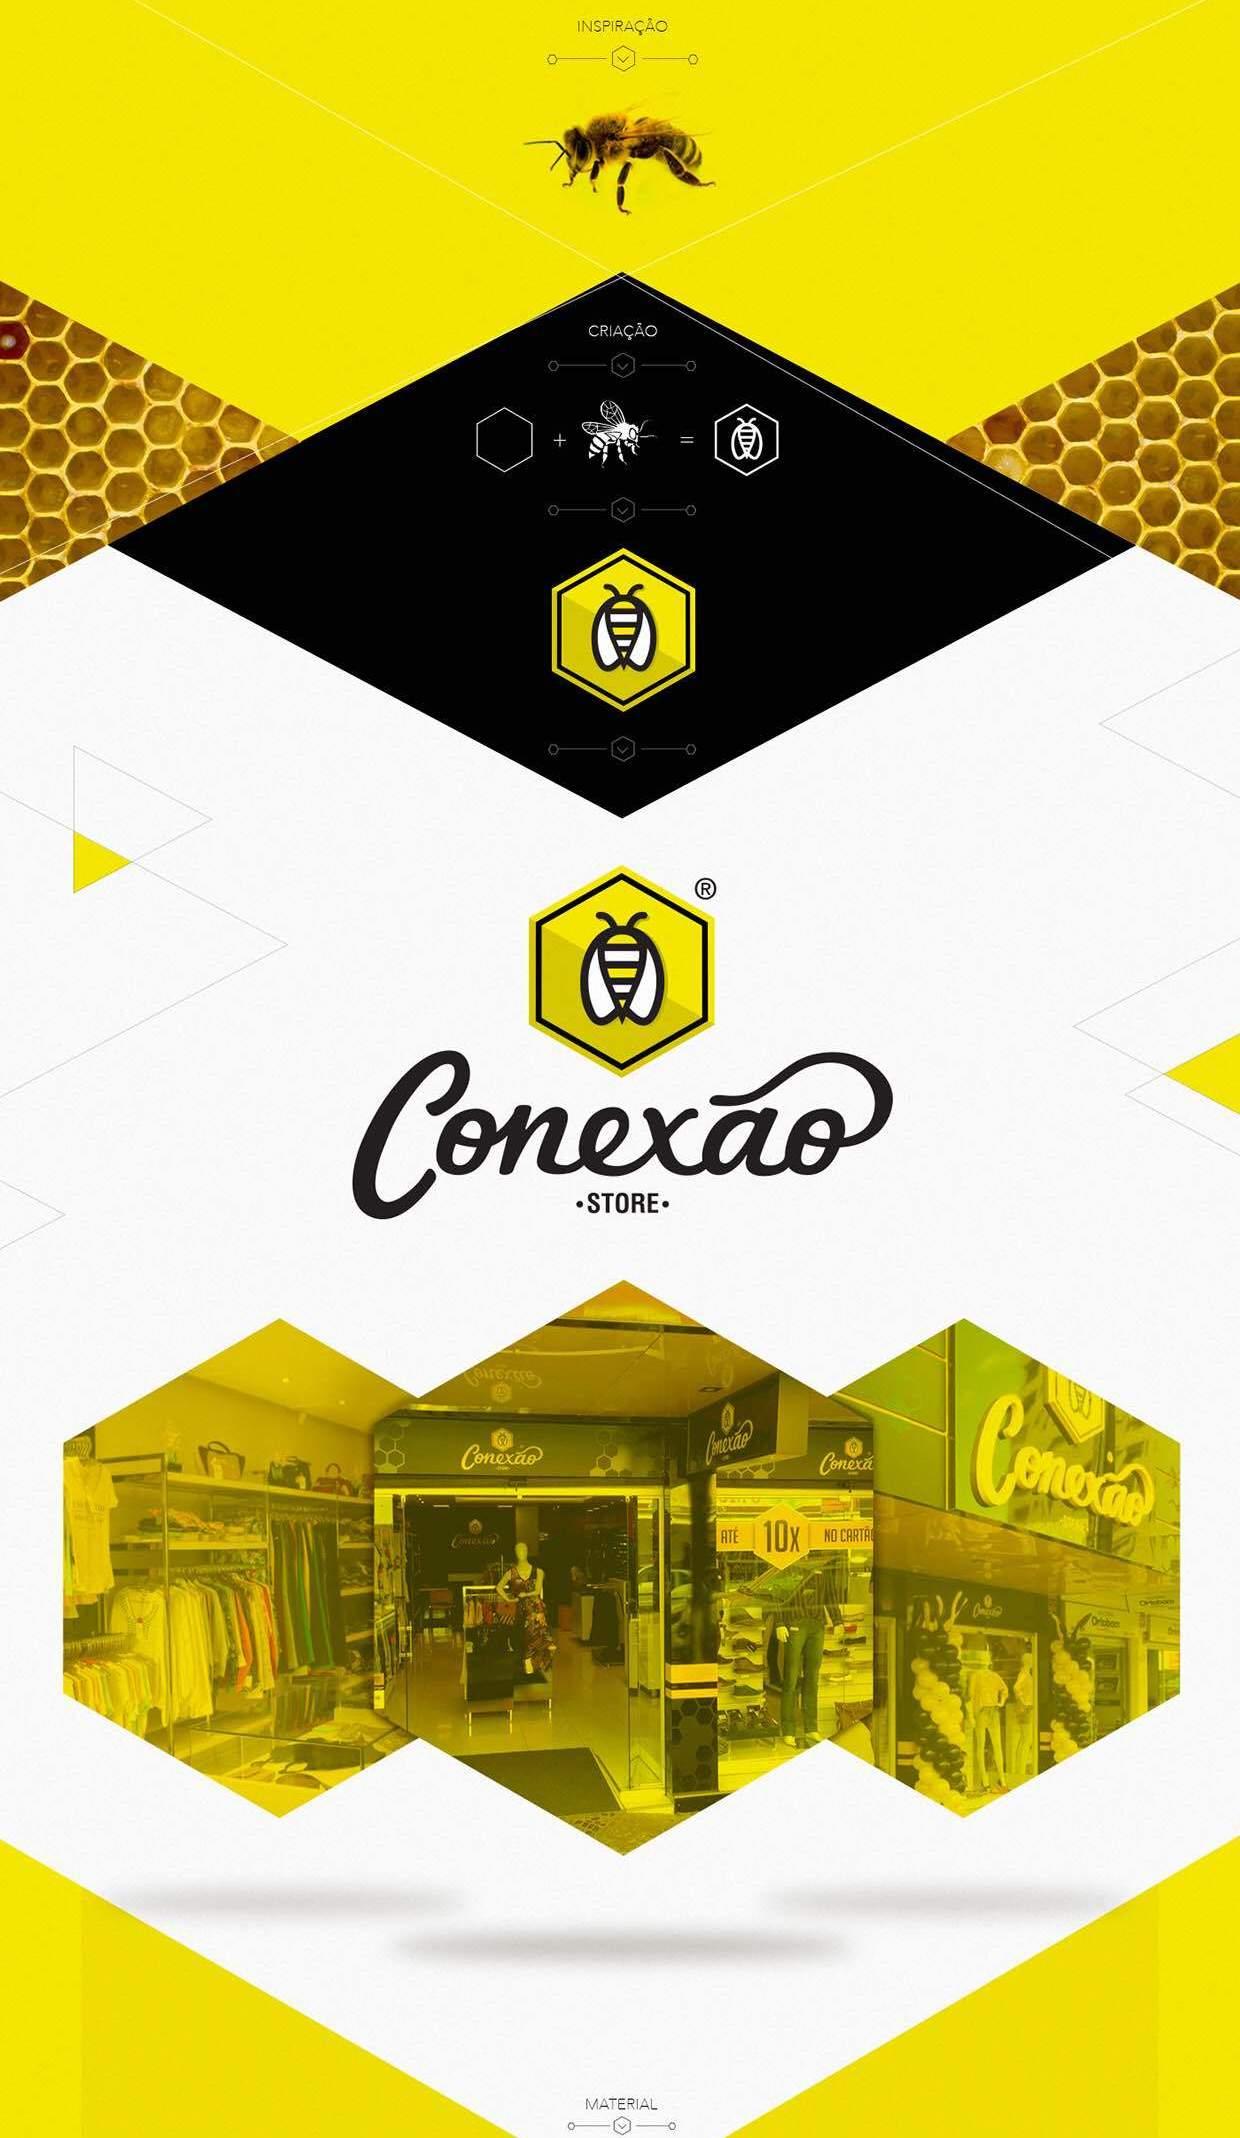 c7551290b Loja online de Conexão Store - Quem Somos — Conexão Store